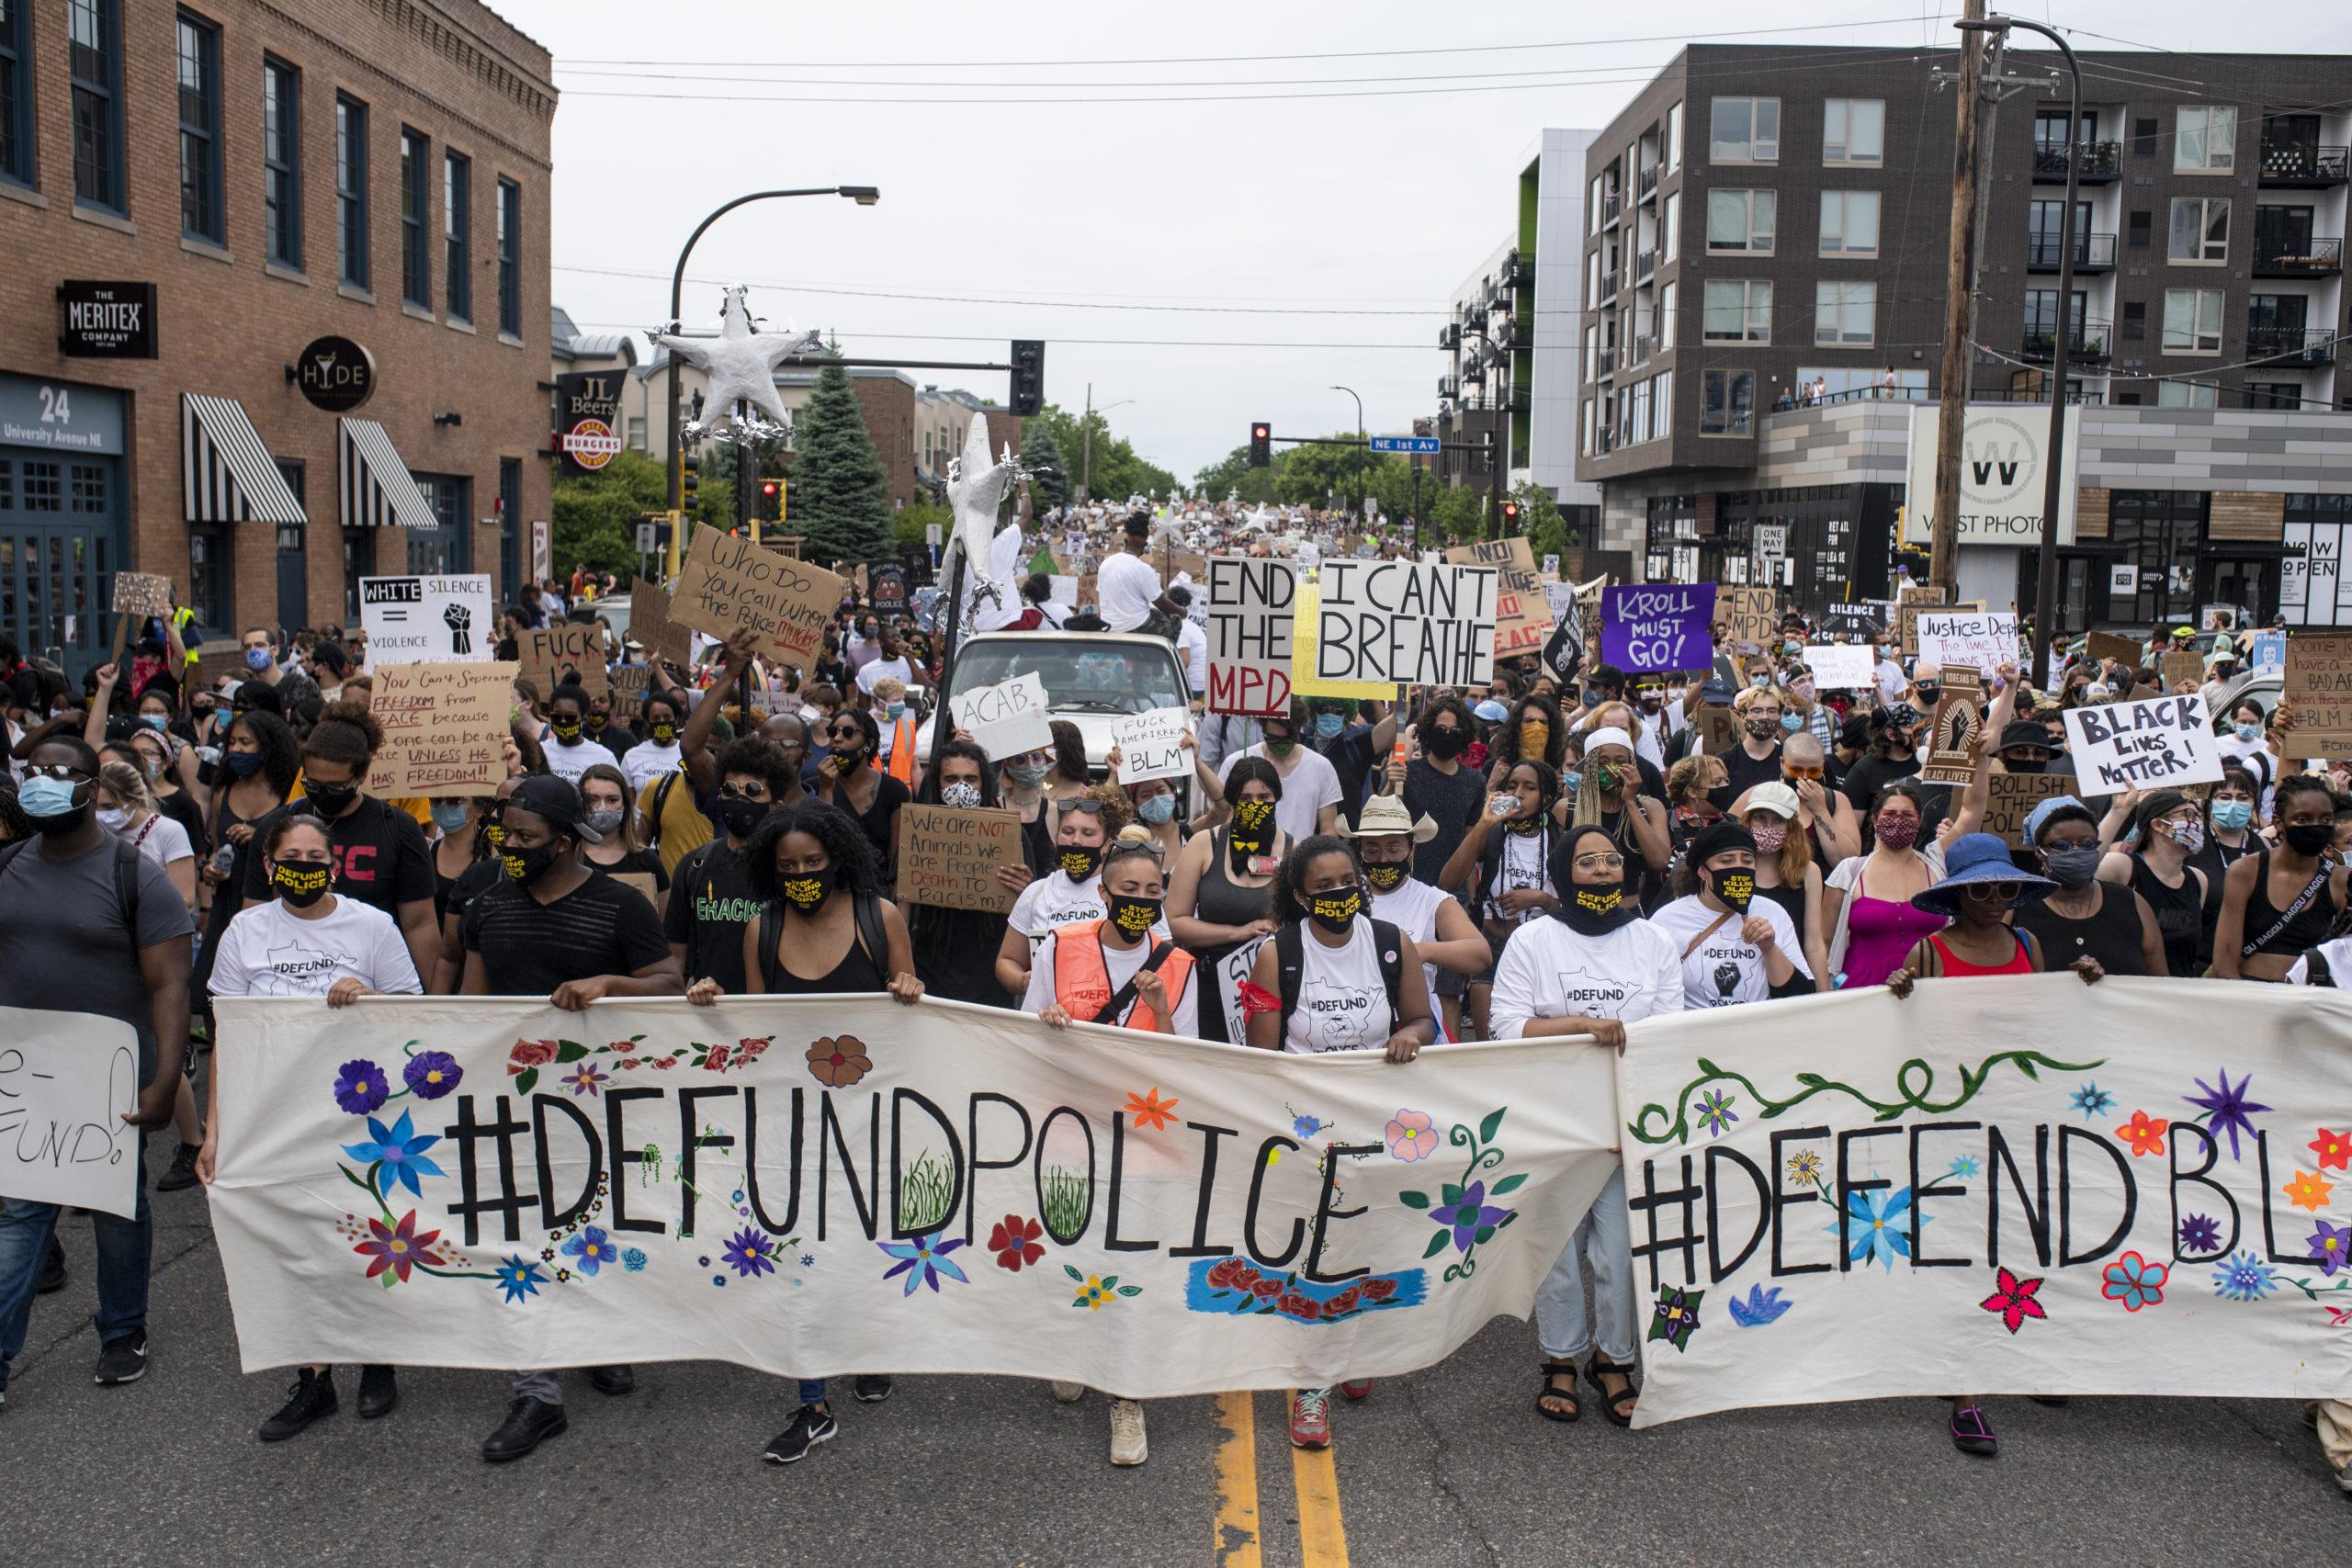 Demonstrators march on June 6, 2020 in Minneapolis, Minnesota. (Stephen Maturen/Getty Images)